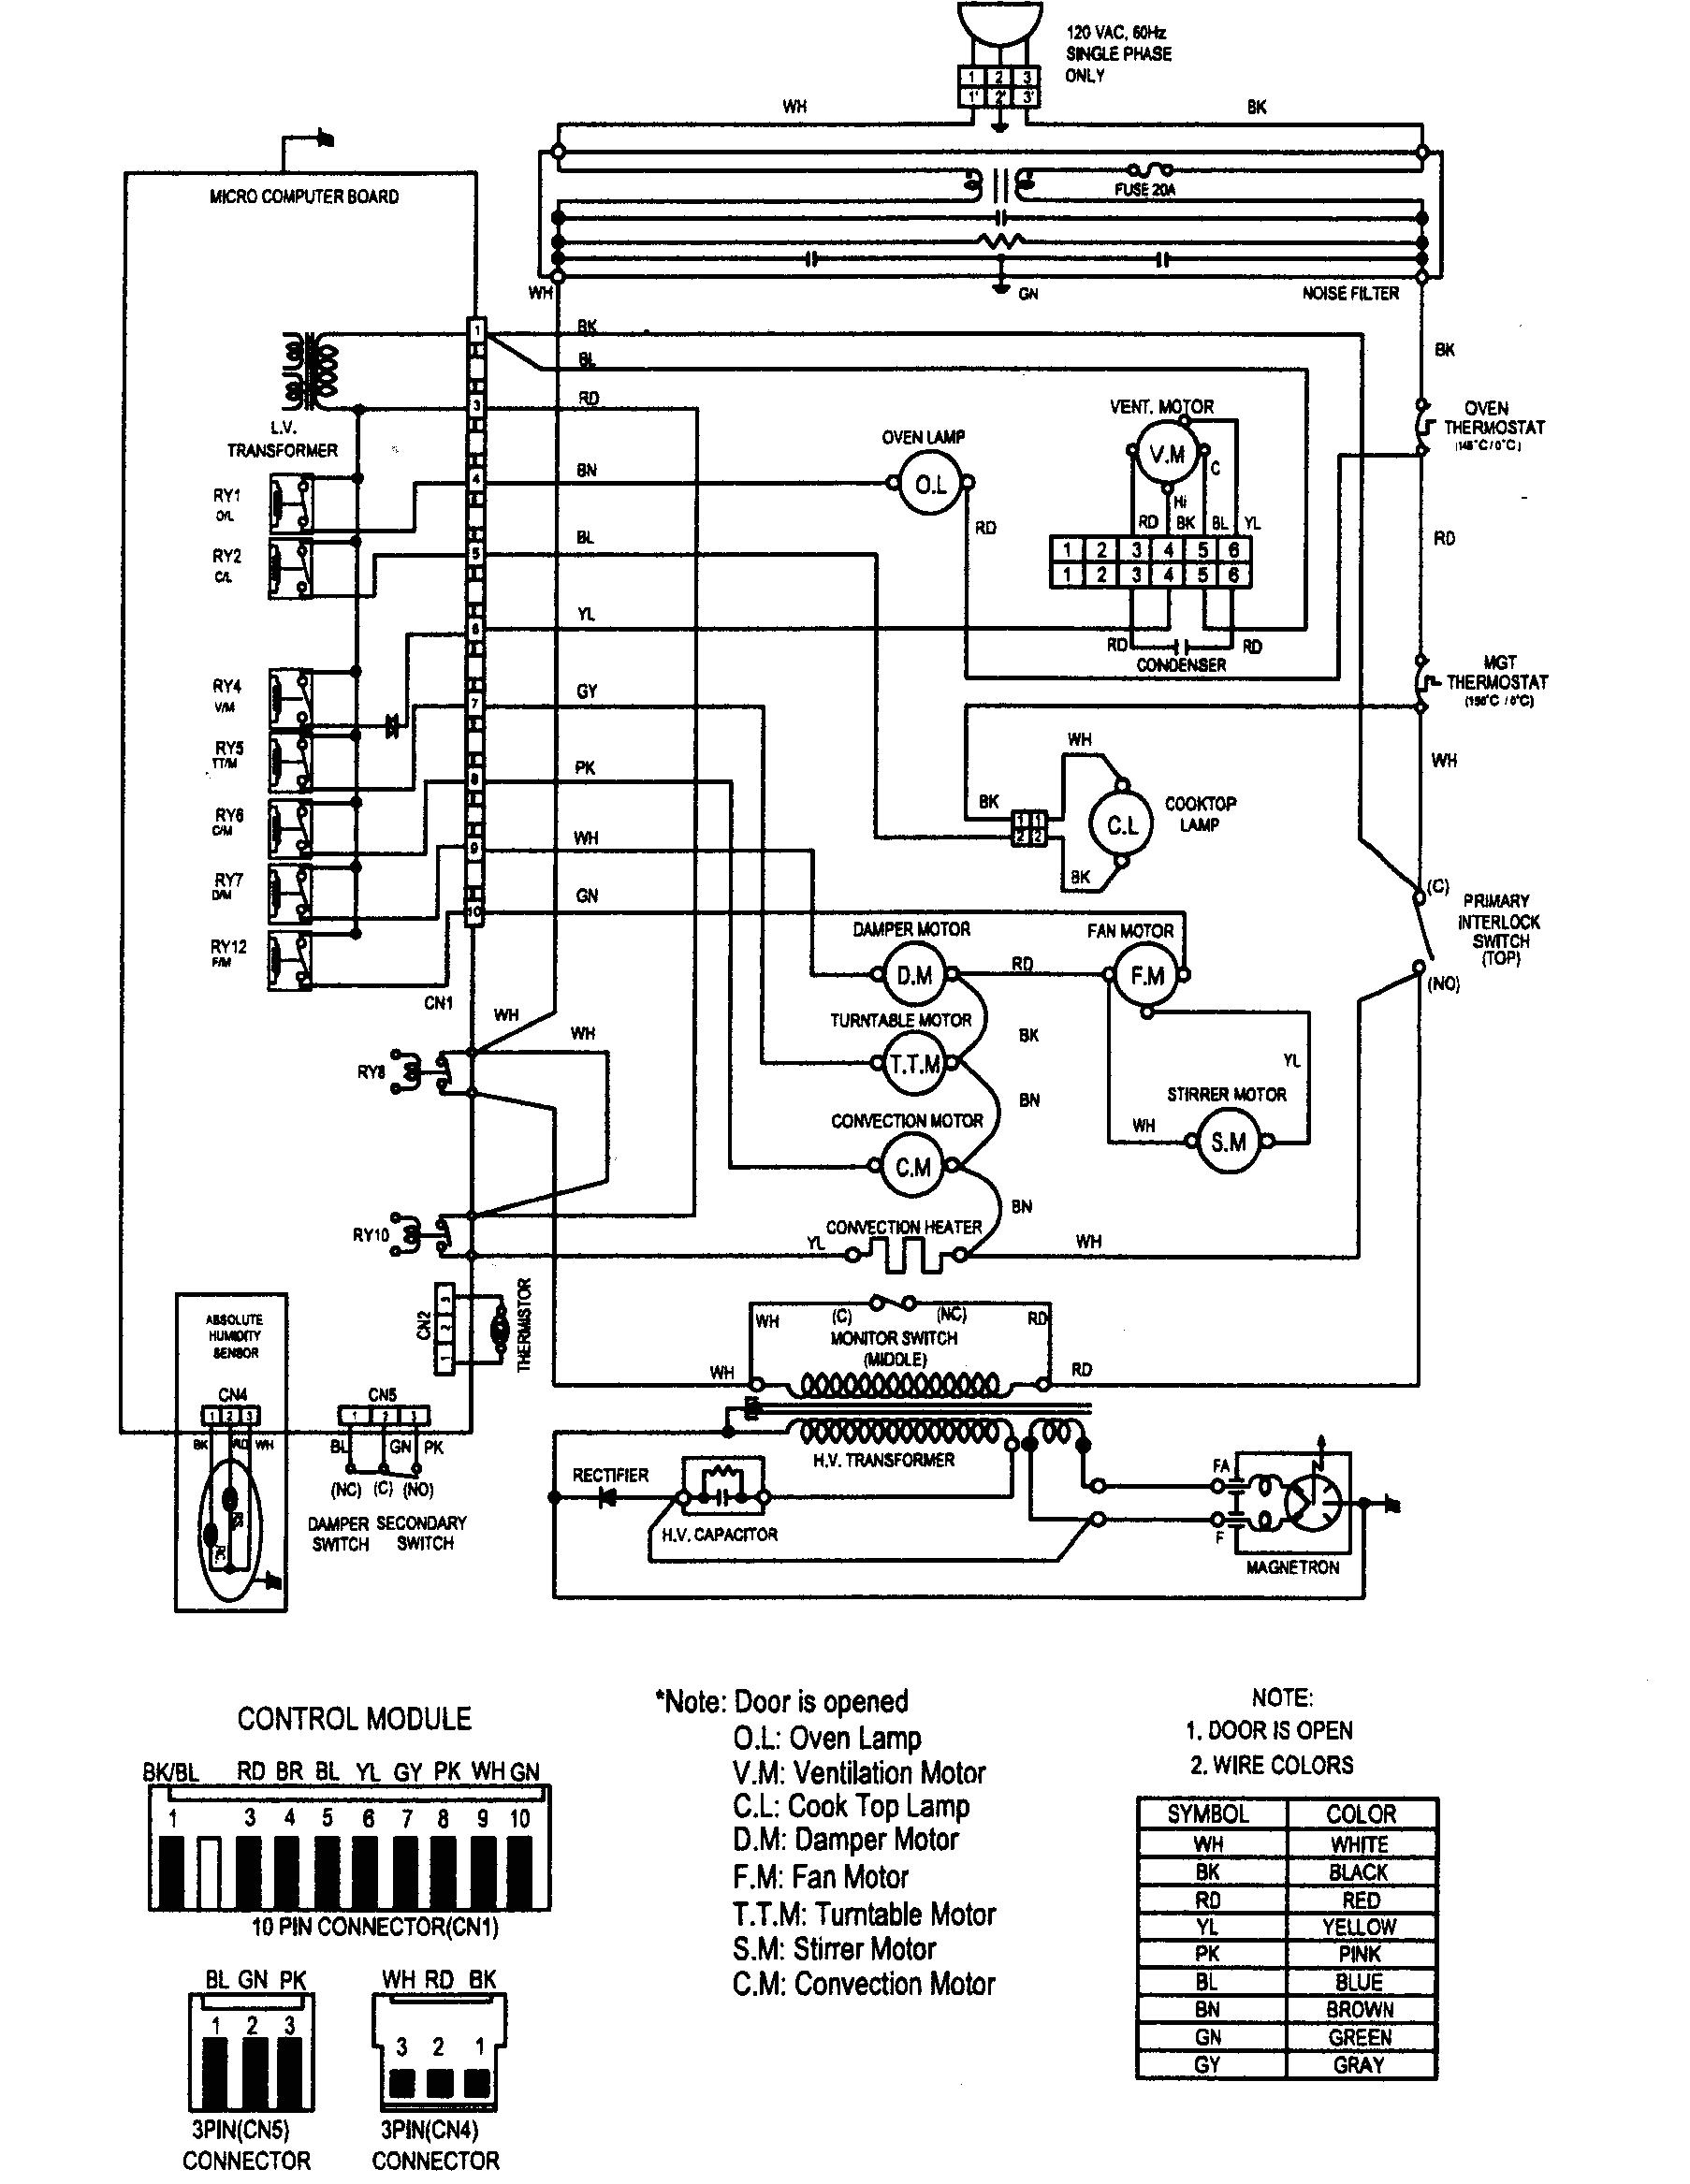 kenmore elite wiring diagram free wiring diagramkenmore elite wiring diagram